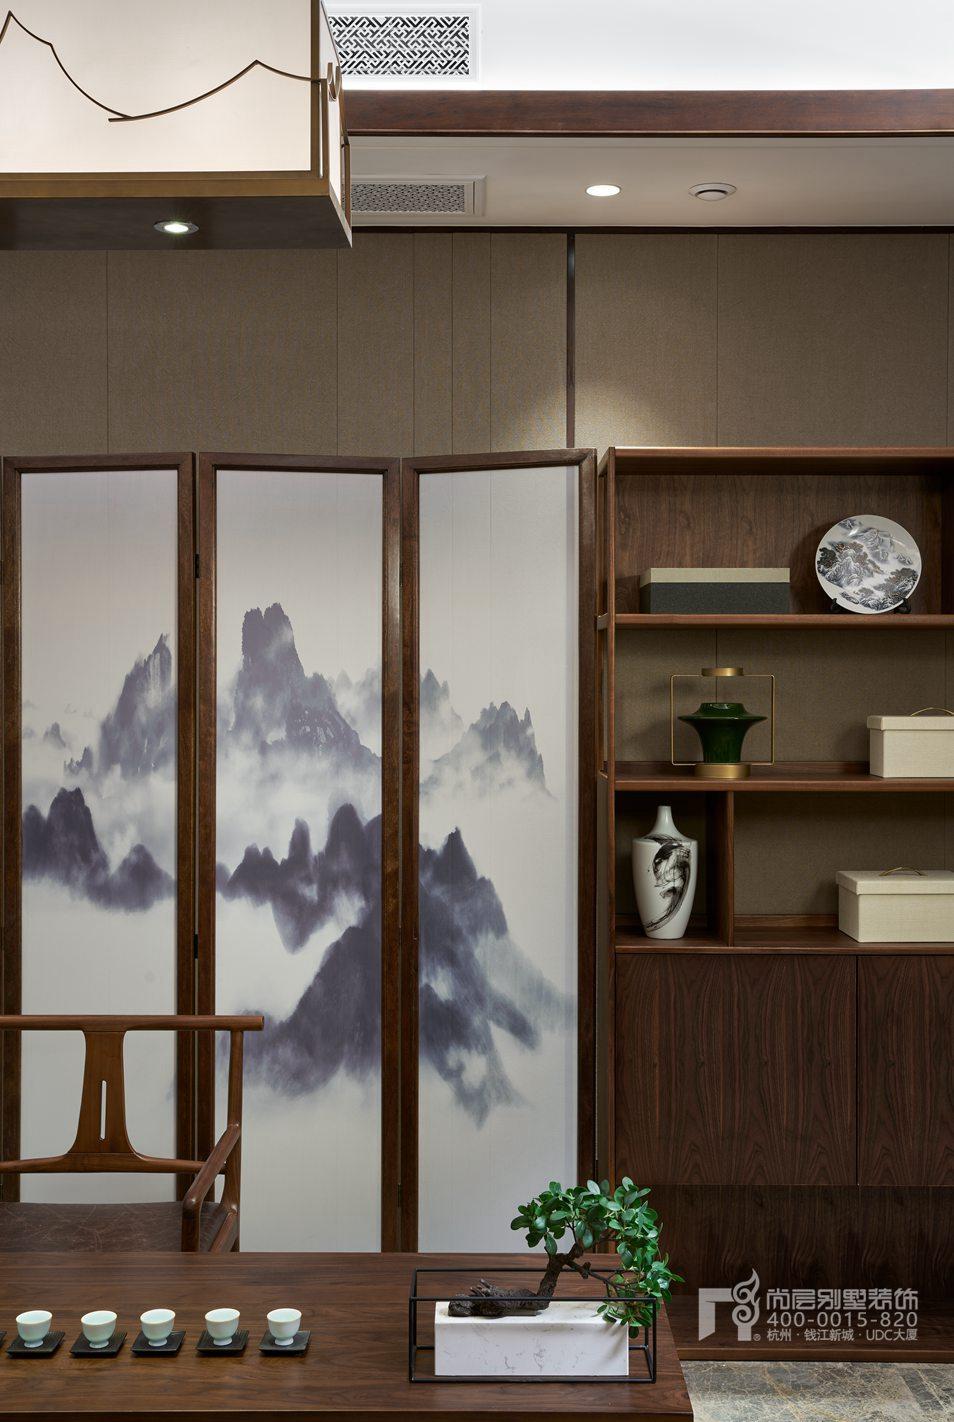 书房软装新中式风格别墅装修设计样板房